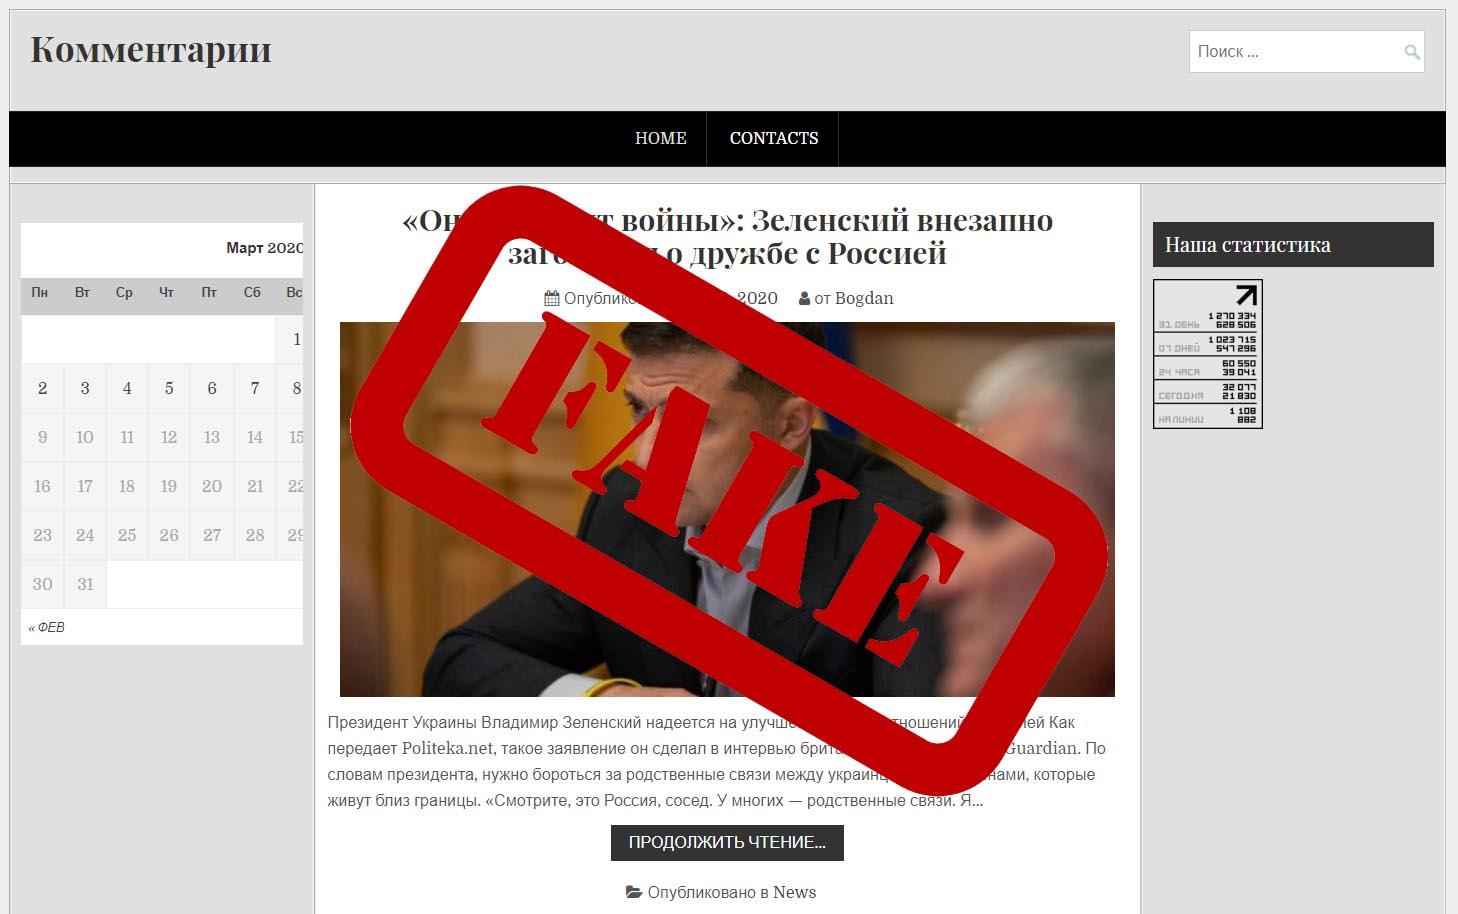 Комментарии stce.biz - інфосмітники України